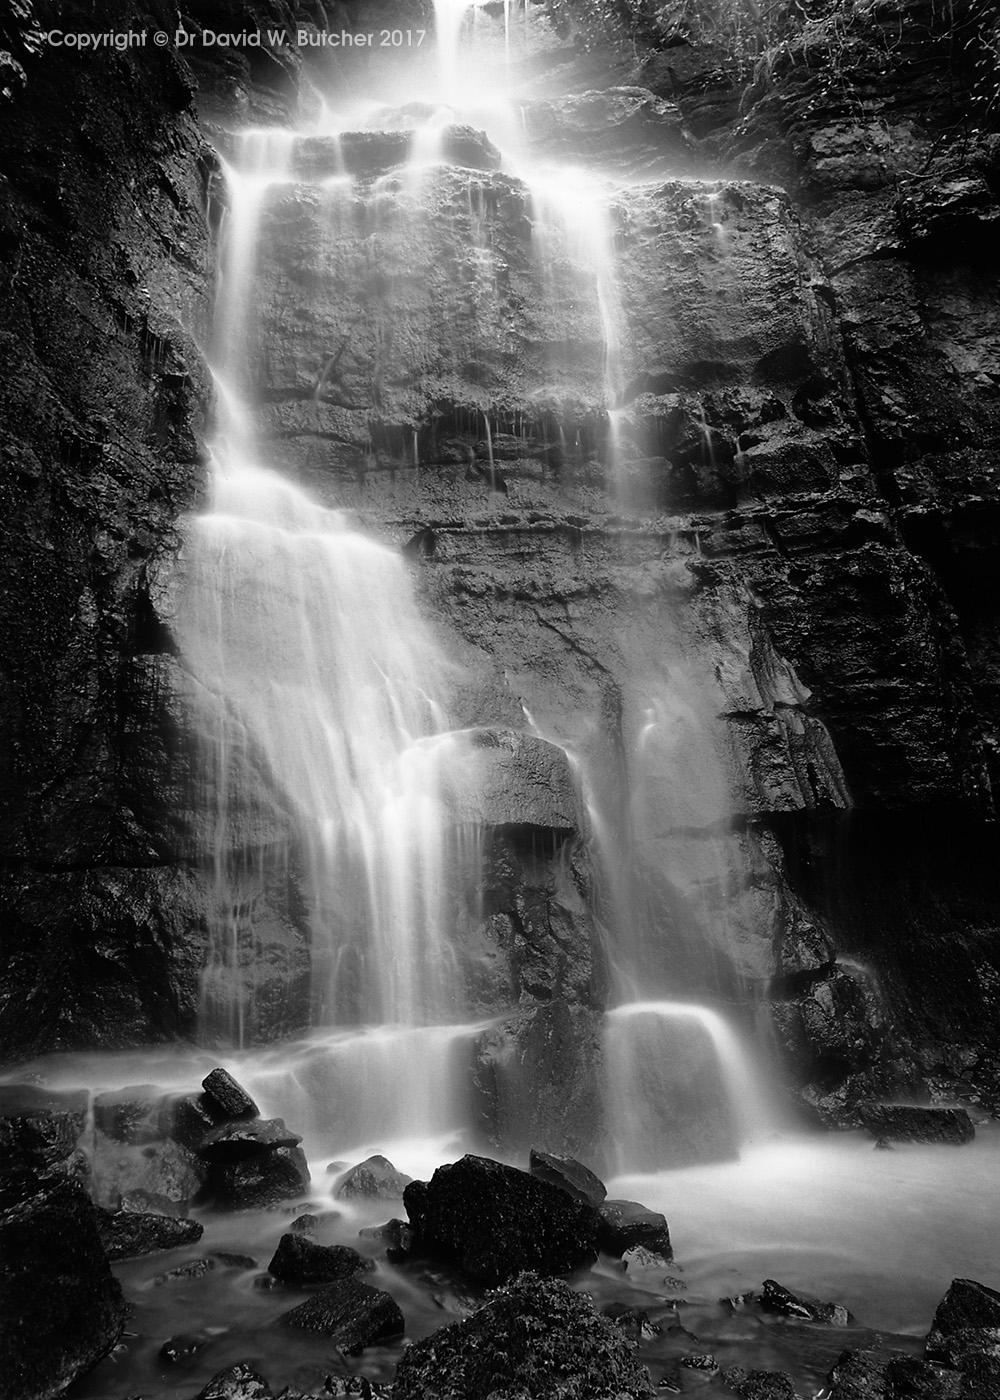 Waterfall Swallet #1, Eyam, Peak District